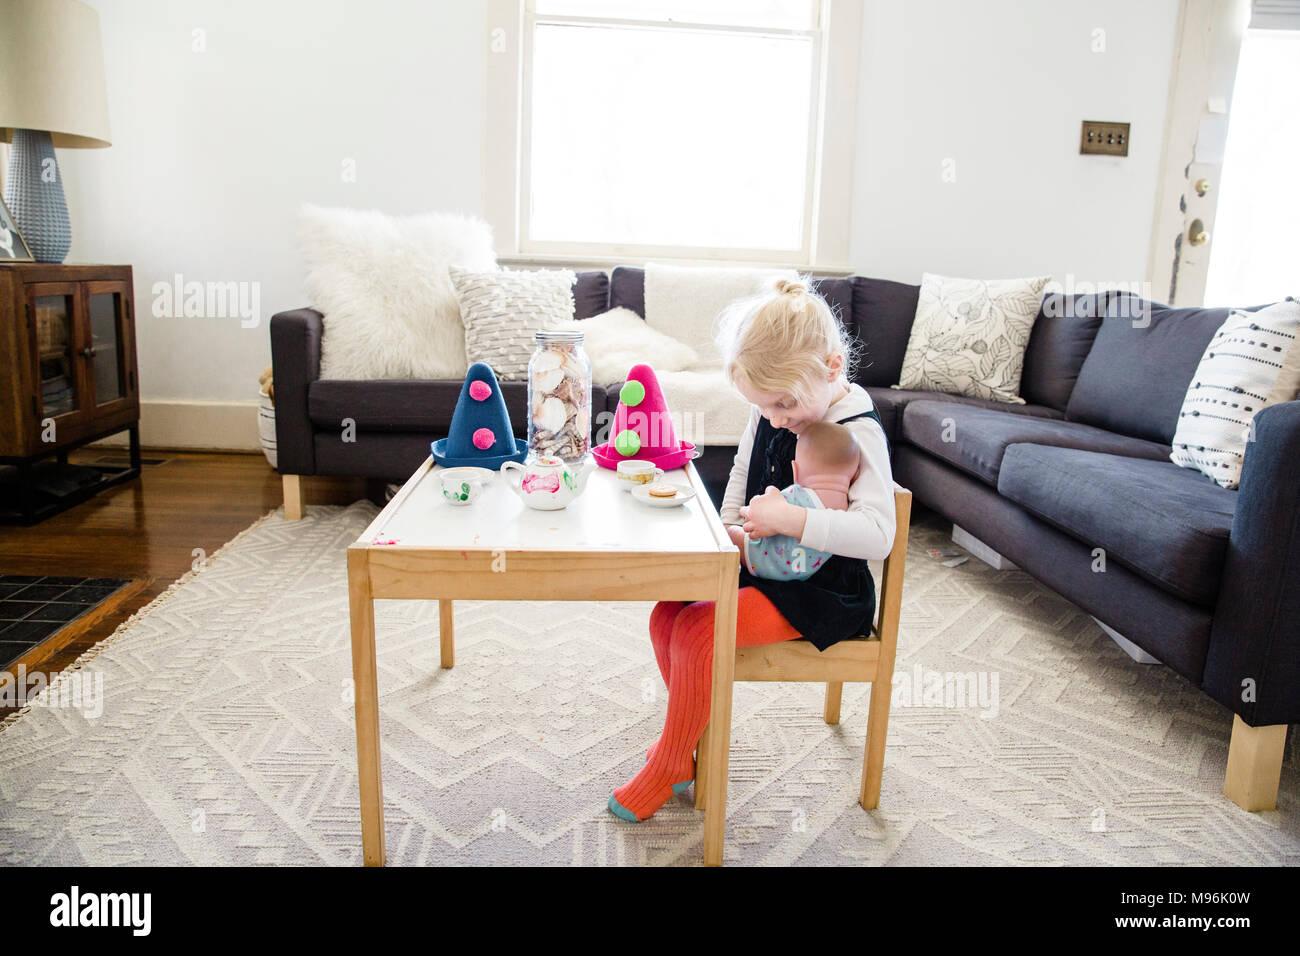 Menina sentada na cadeira junto à mesa com chapéus de festa Imagens de Stock